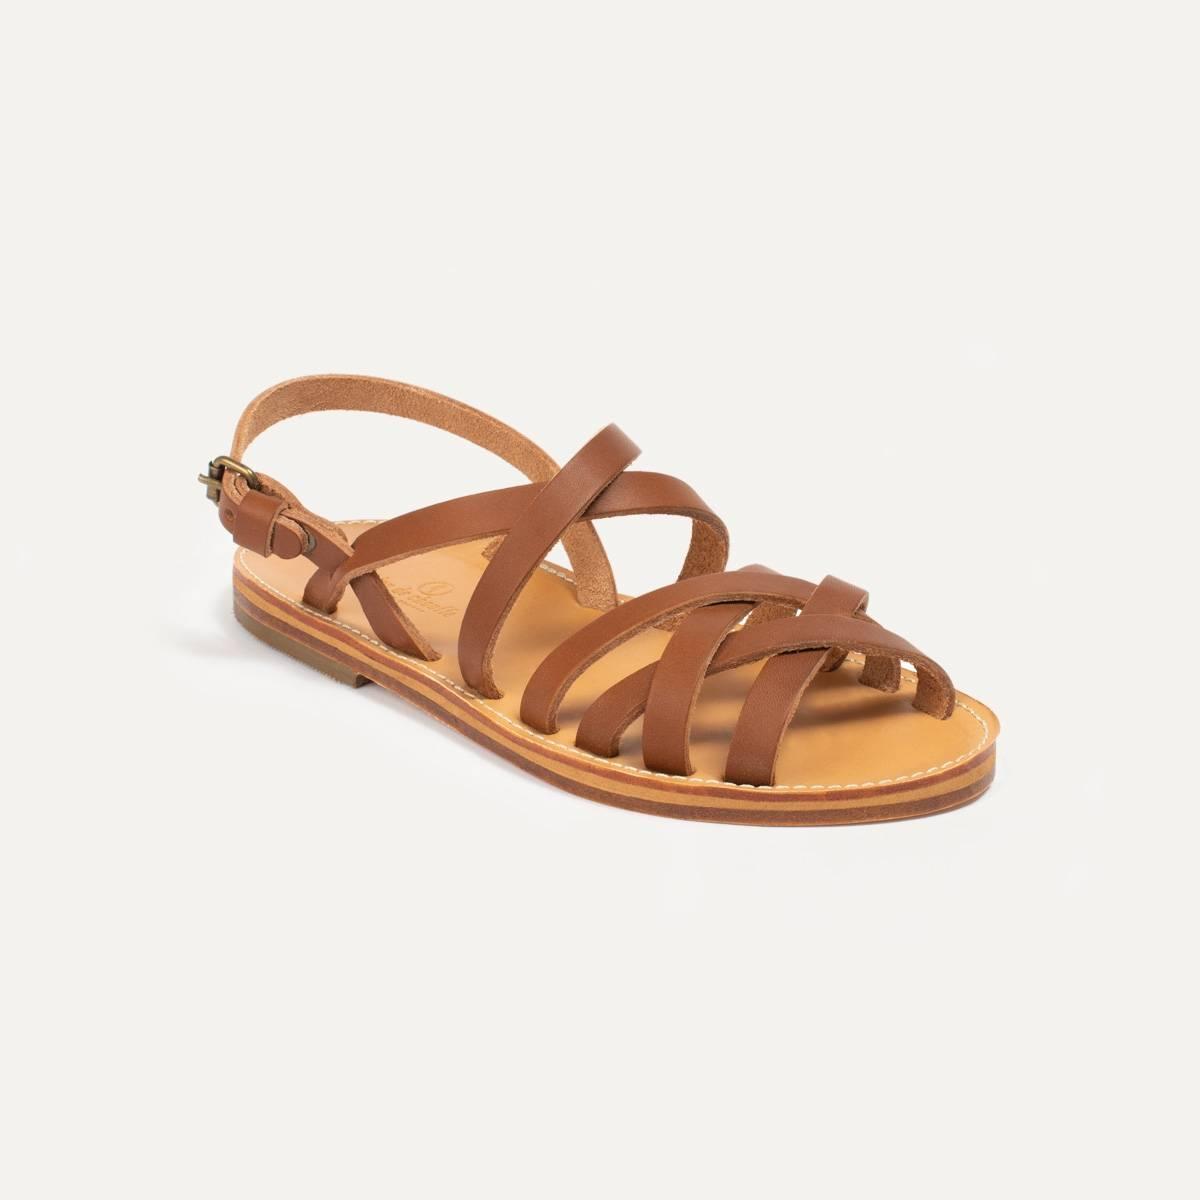 Majour leather sandals - Pain Brûlé (image n°2)